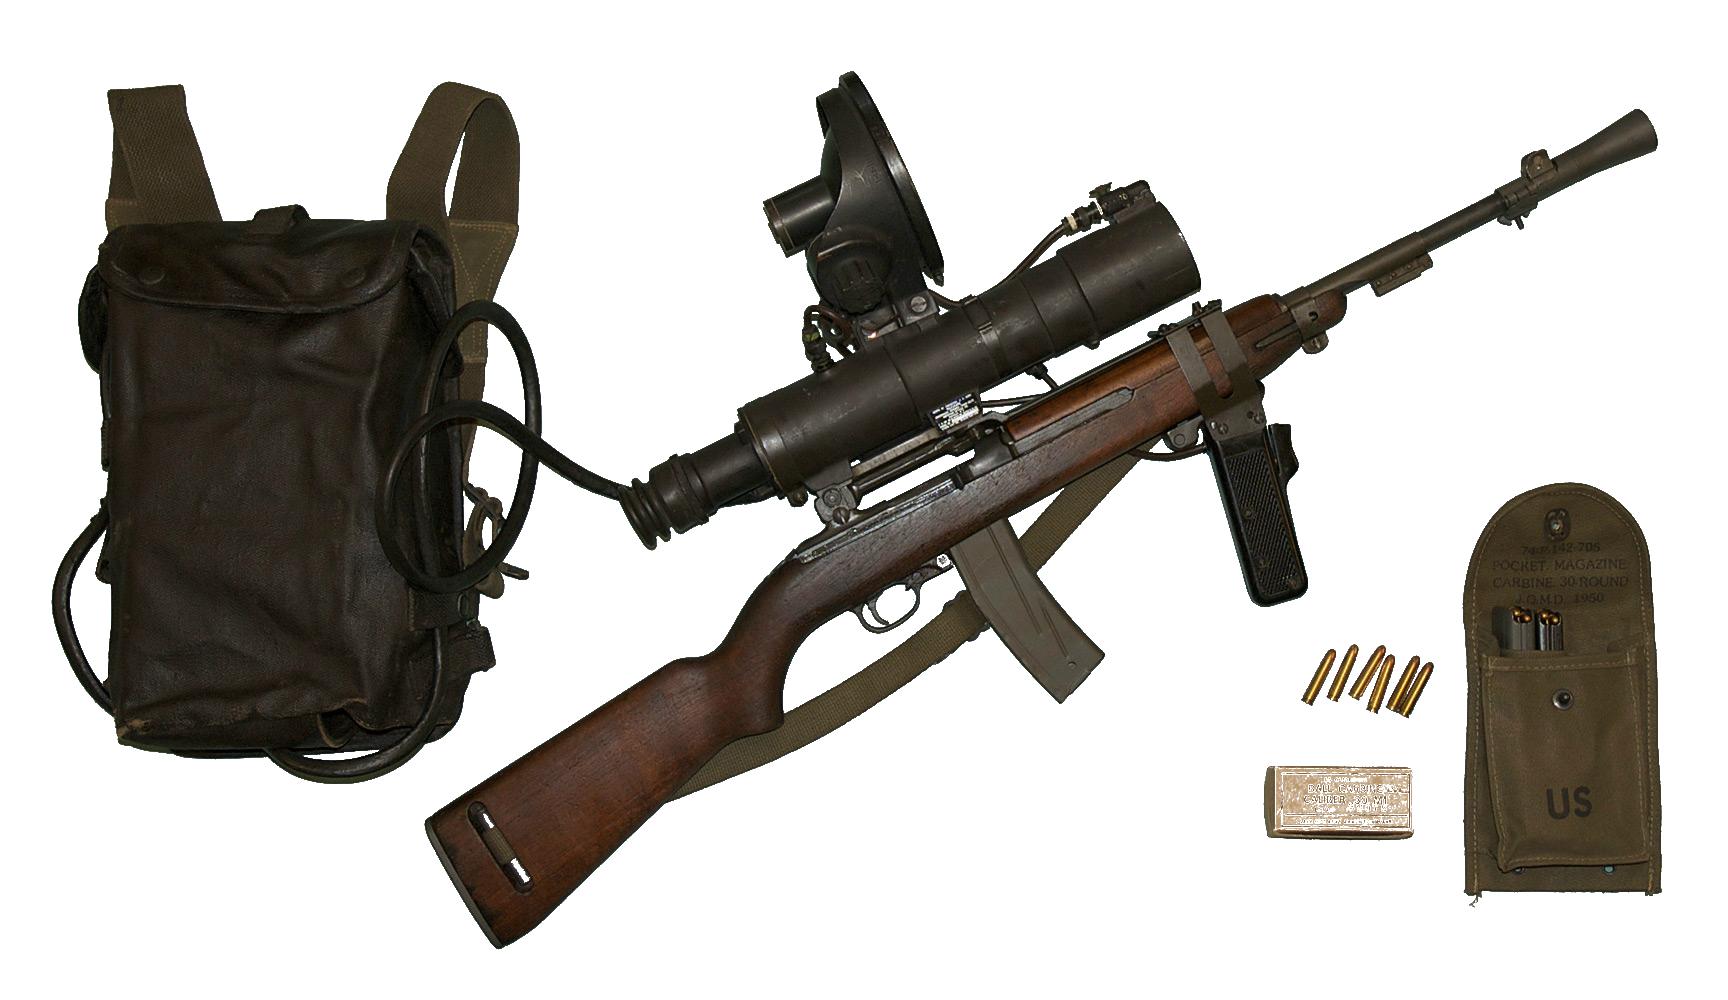 M3 Karabina s infra červenou zaměřovací optikou, M3 Carbine with infrared sniper scope, Autor: Curiosandrelics, licencováno pod Creative Commons